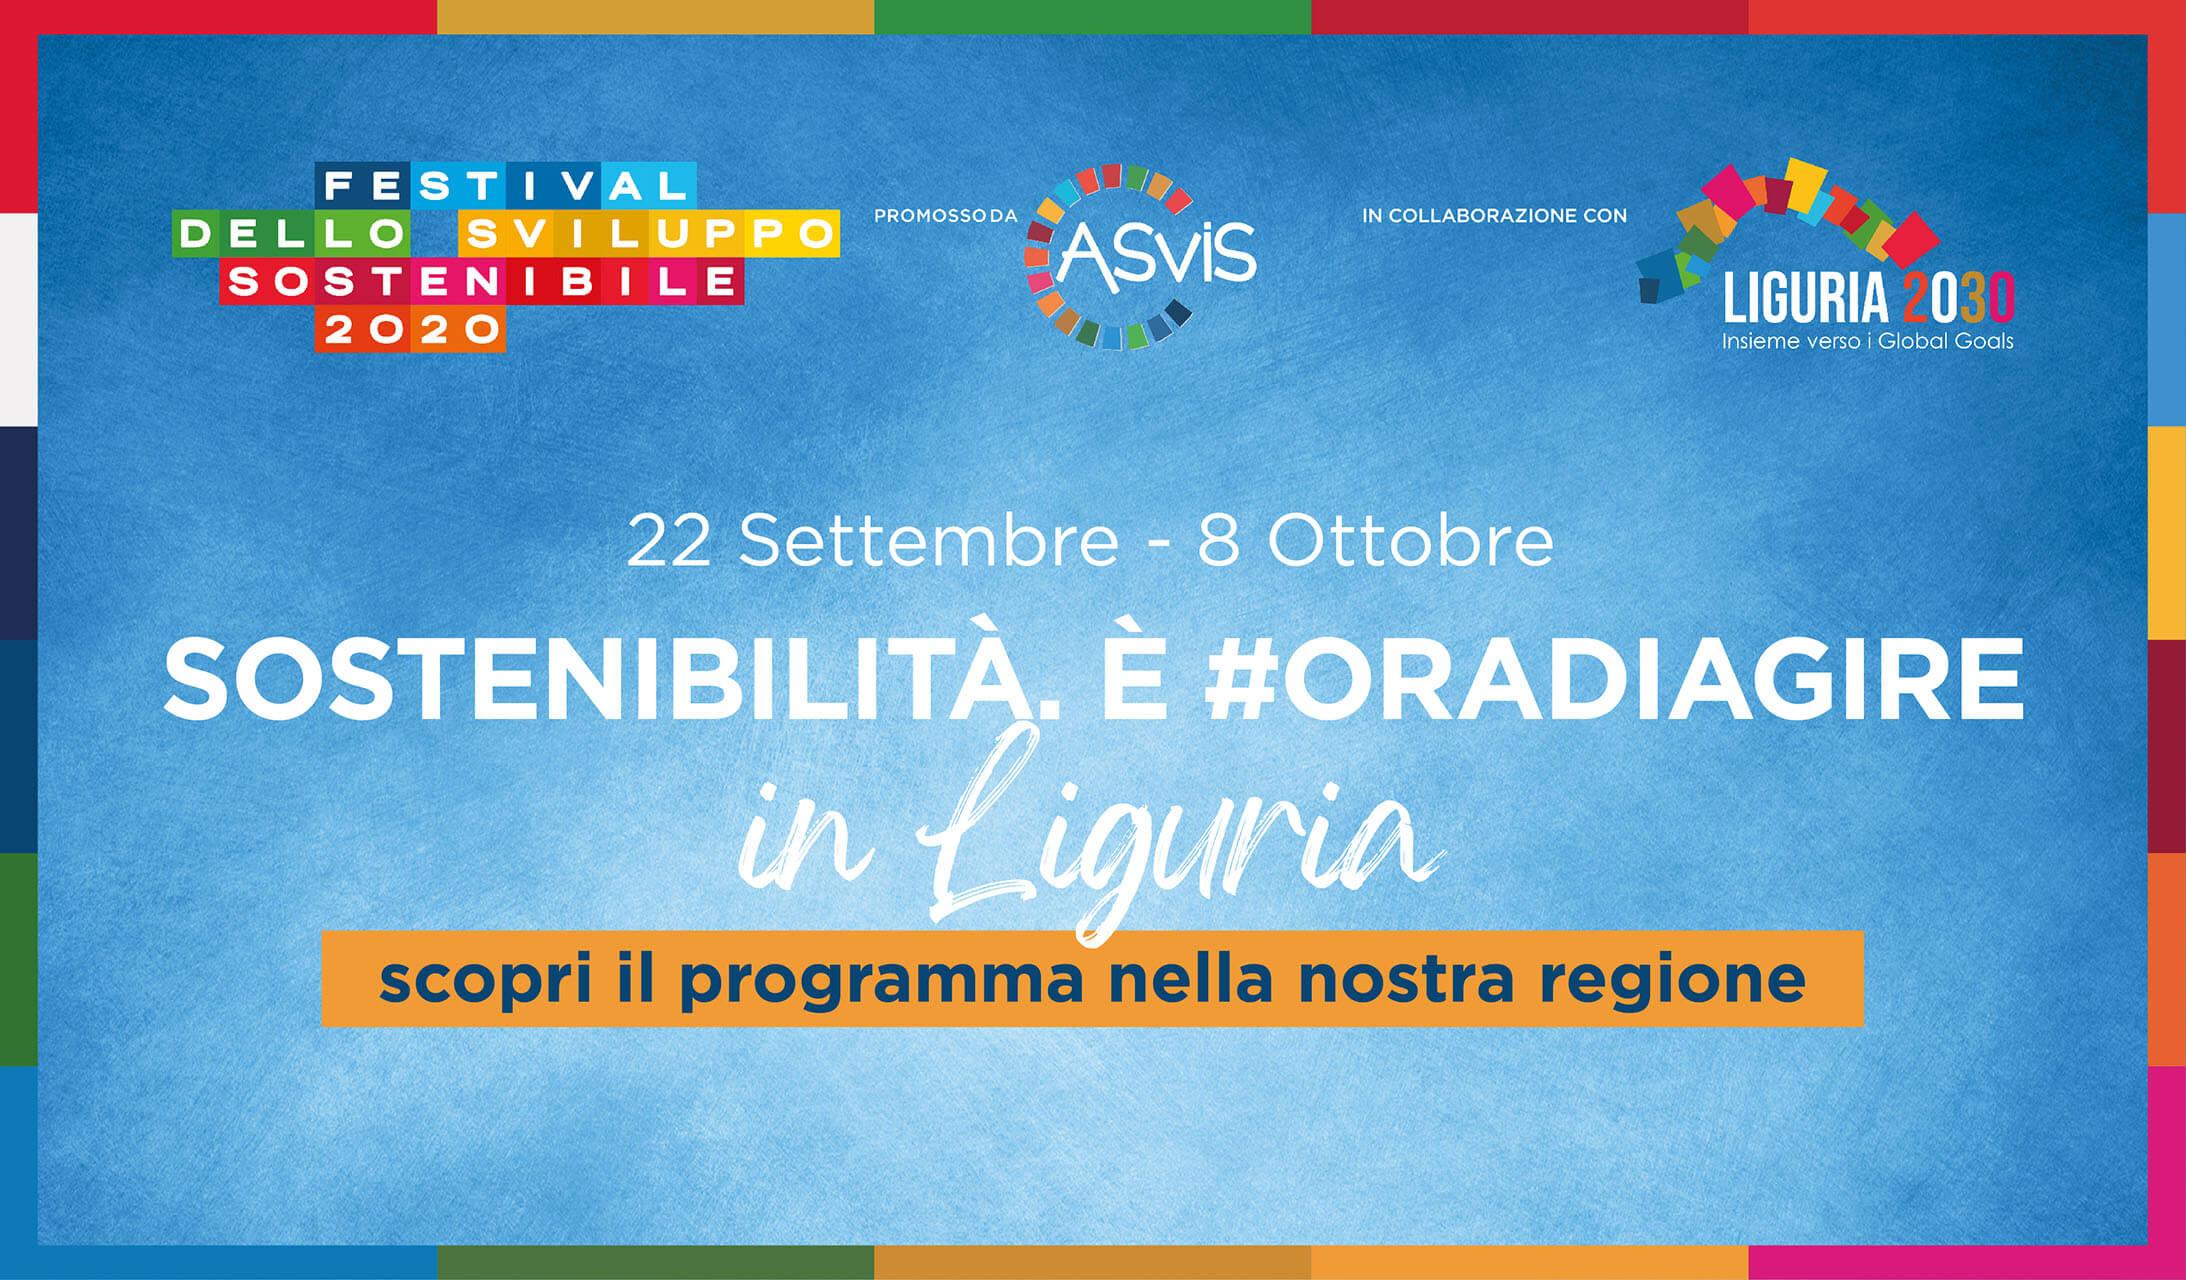 Festival dello sviluppo sostenibile a Genova